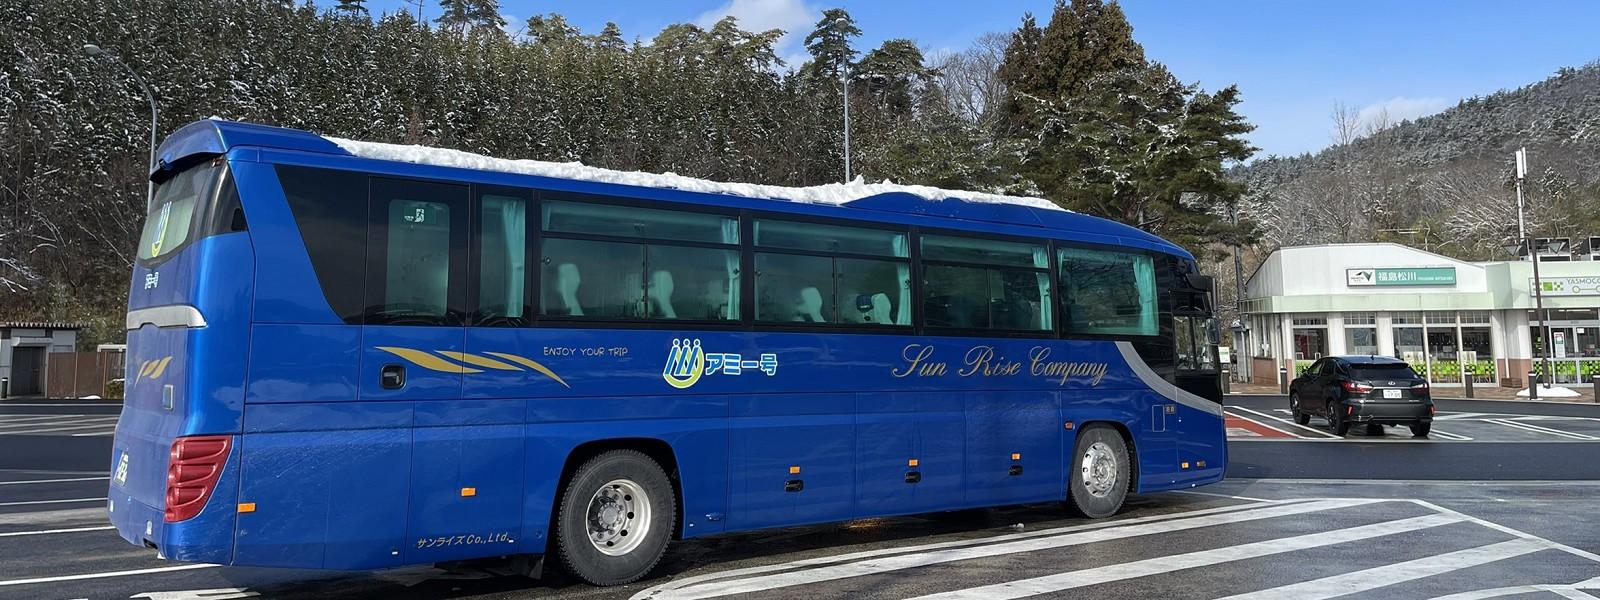 高速バスアミー号